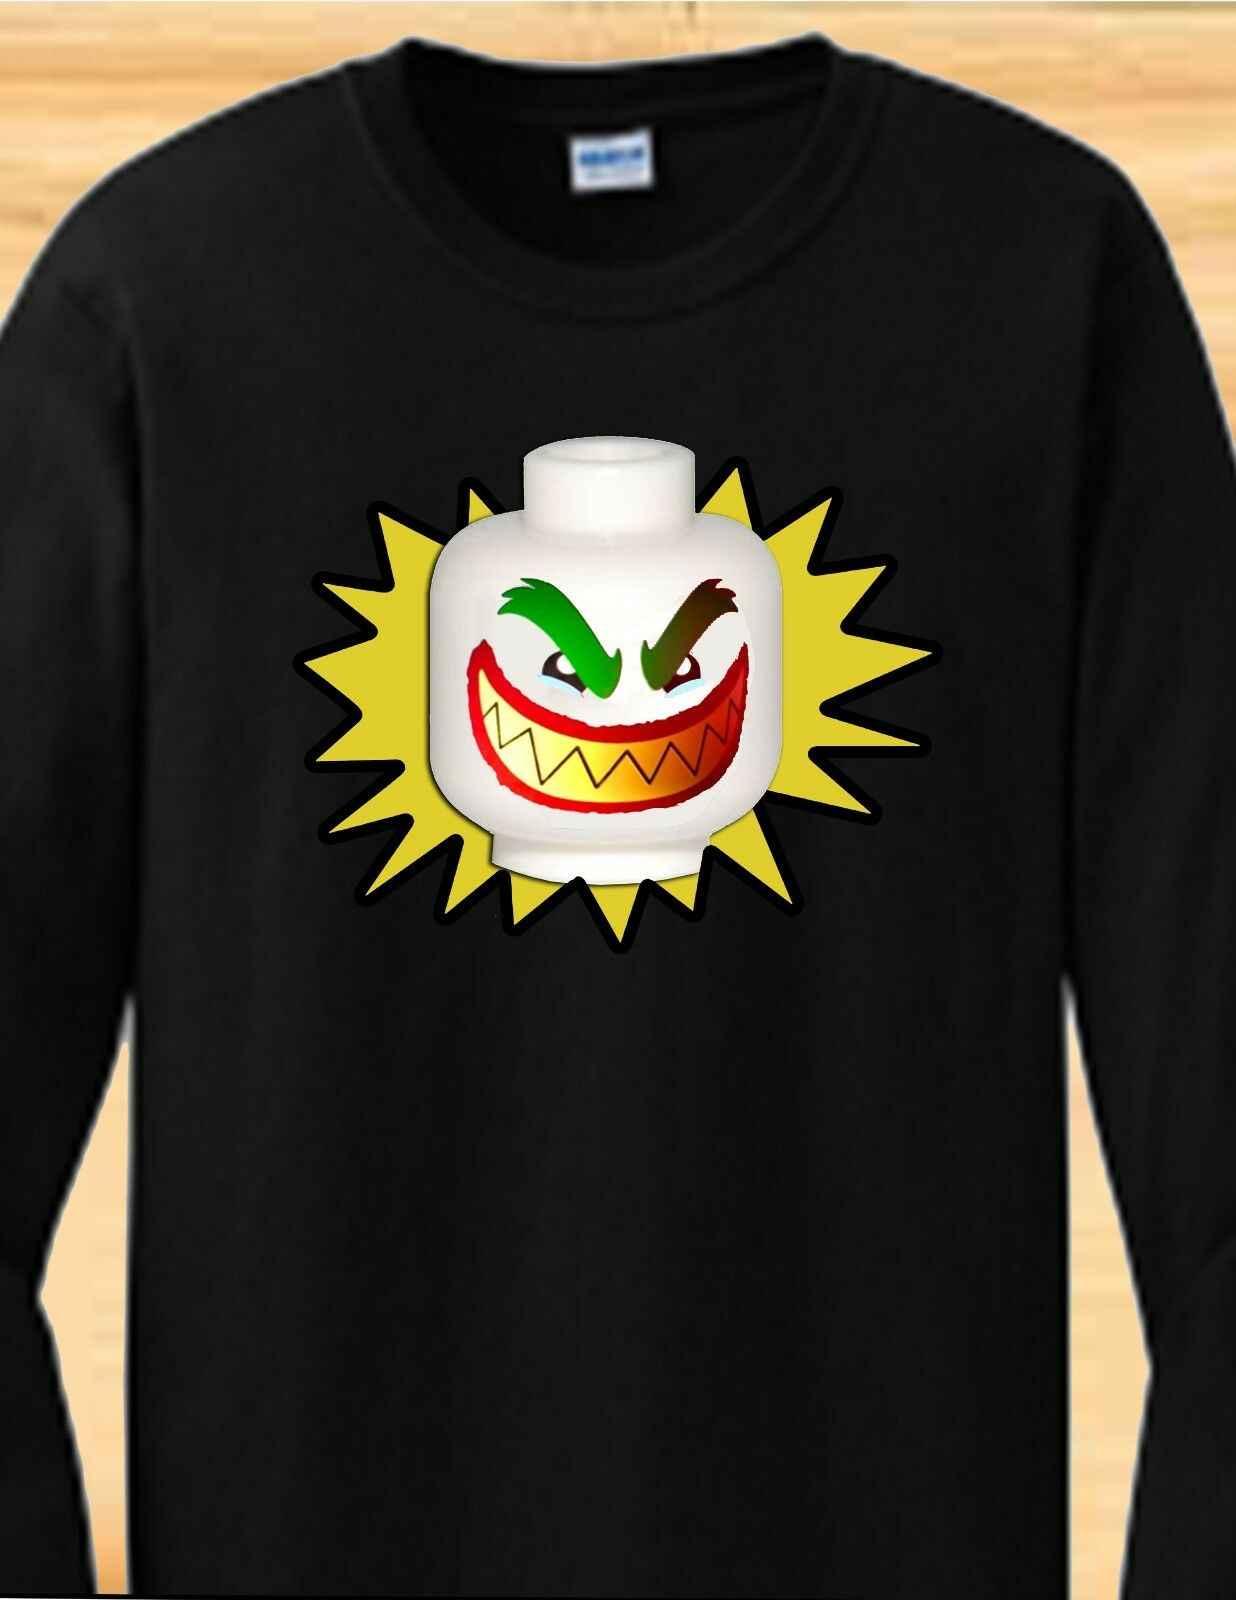 LEGO Бэтмен фильм Джокер-взрослый, ребенок, рубашка для малышей-короткий или длинный рукав